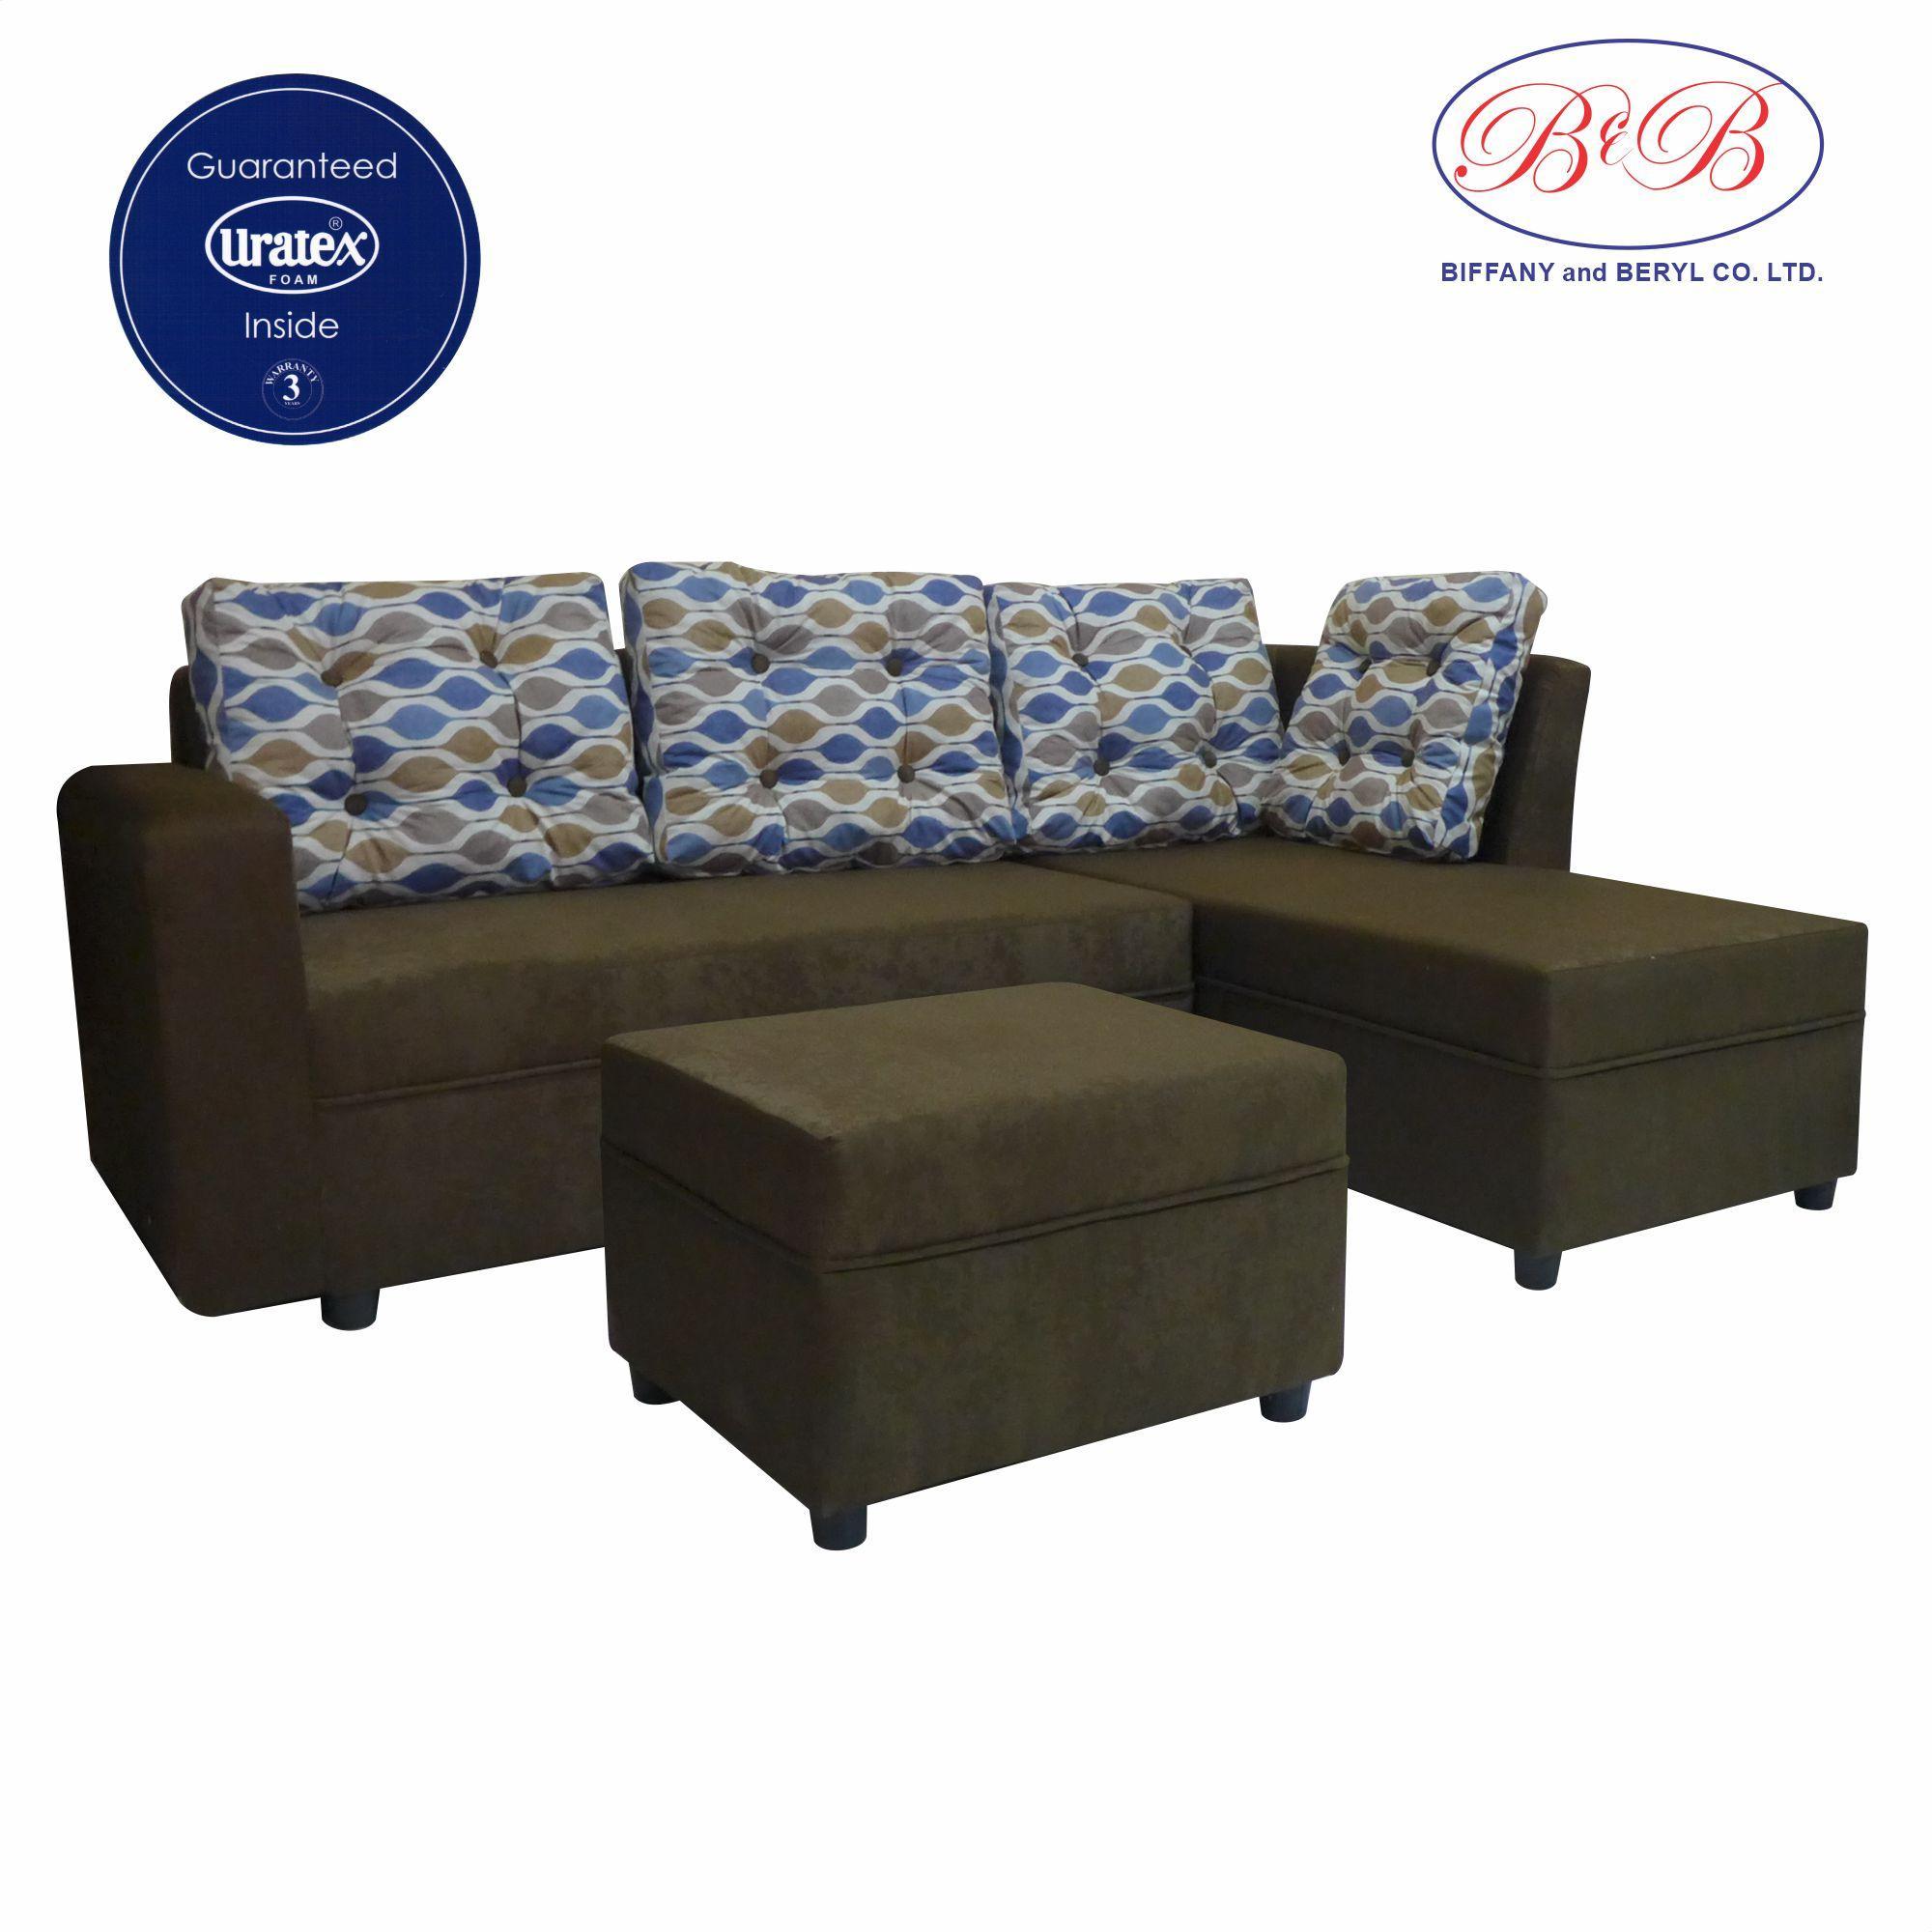 Sofa Ellen L Shape Uratex M250 5 Mj597 1 Printed